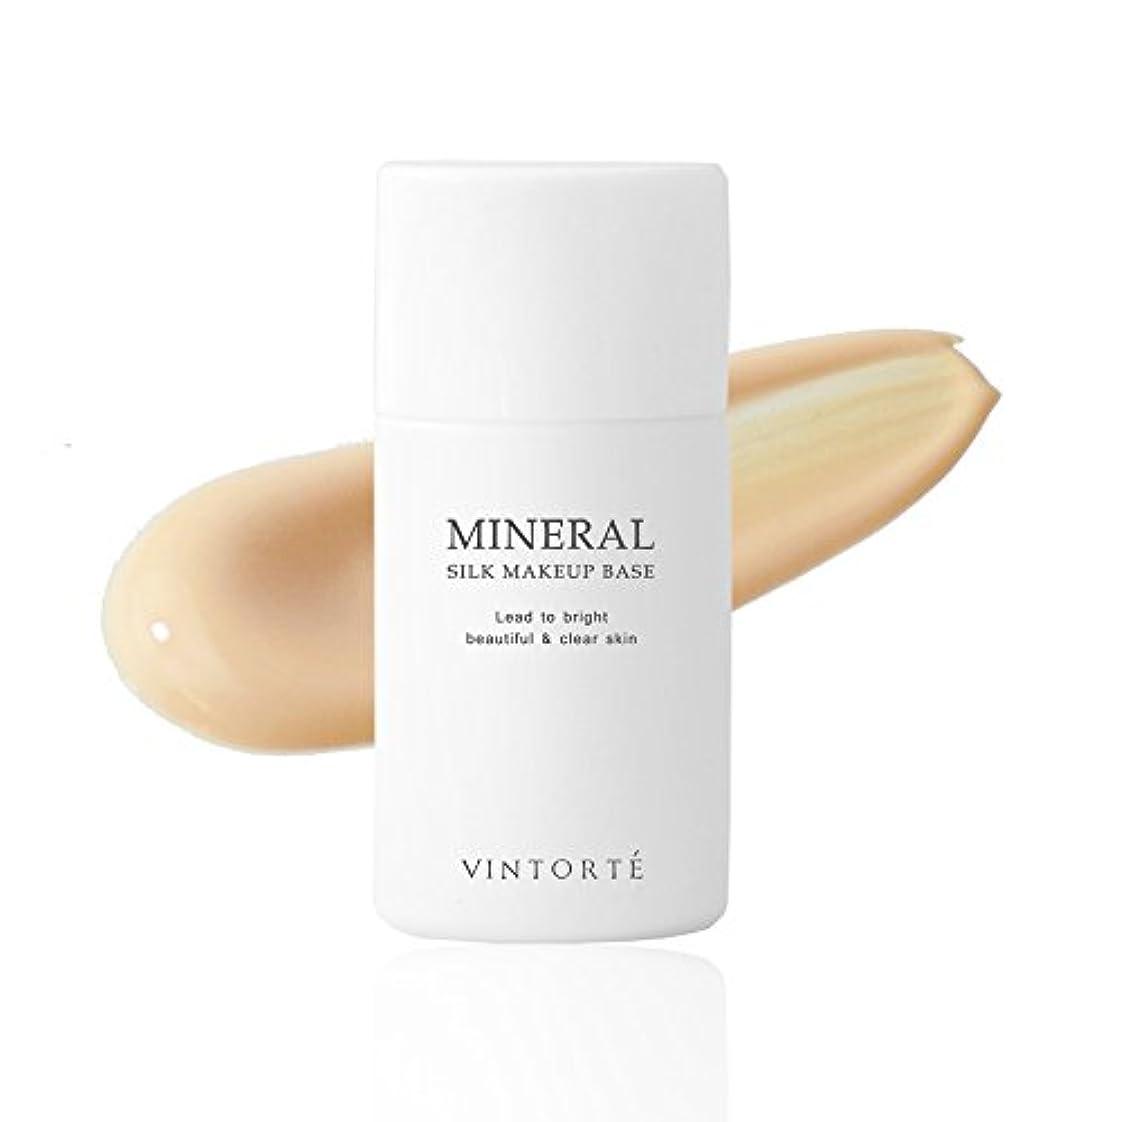 VINTORTE ミネラル シルク メイクアップベース ヴァントルテ 化粧下地 CC クリーム ベースメイク #01 v_mmb2-1